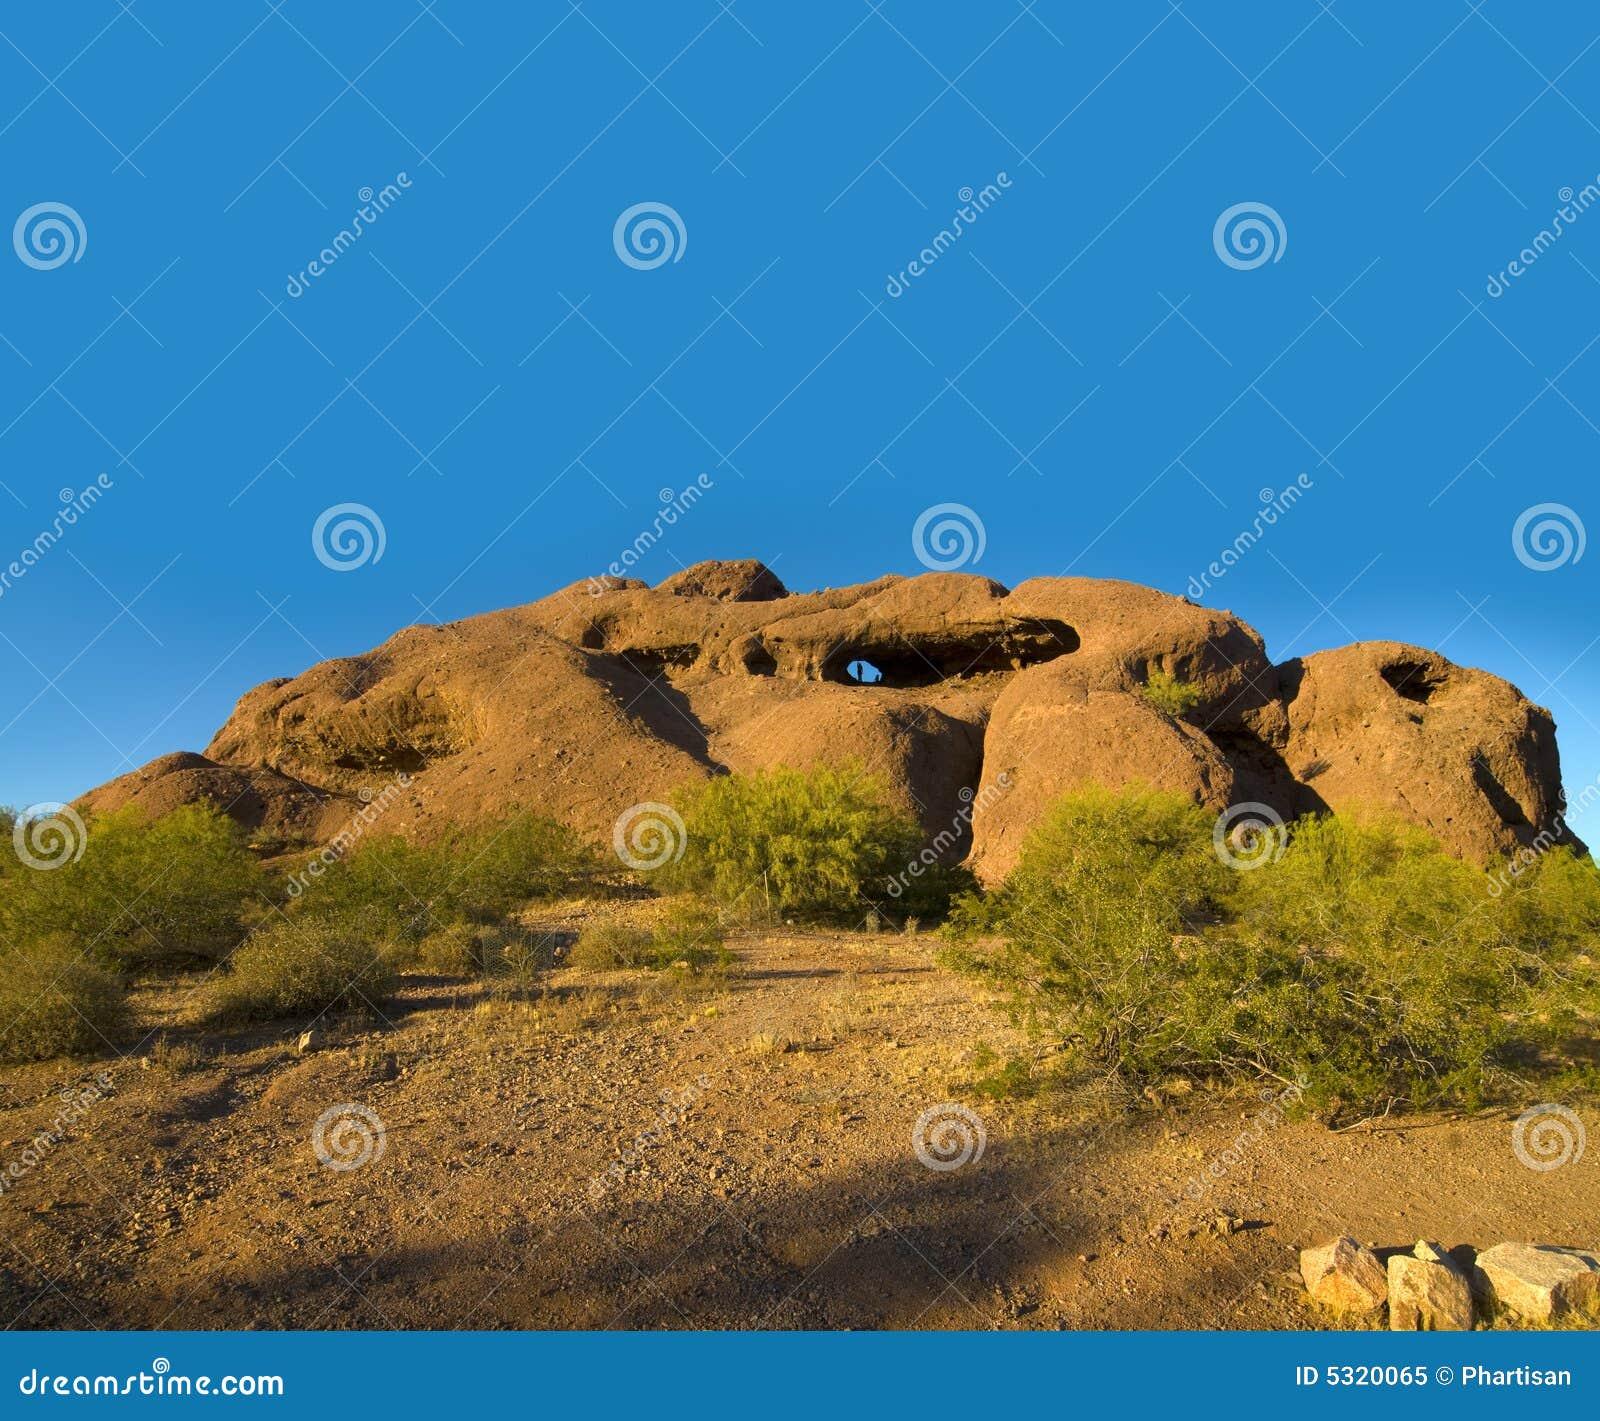 Image Of Sunny Arizona Pools: Papaogo Park In Phoenix, AZ Royalty Free Stock Photo